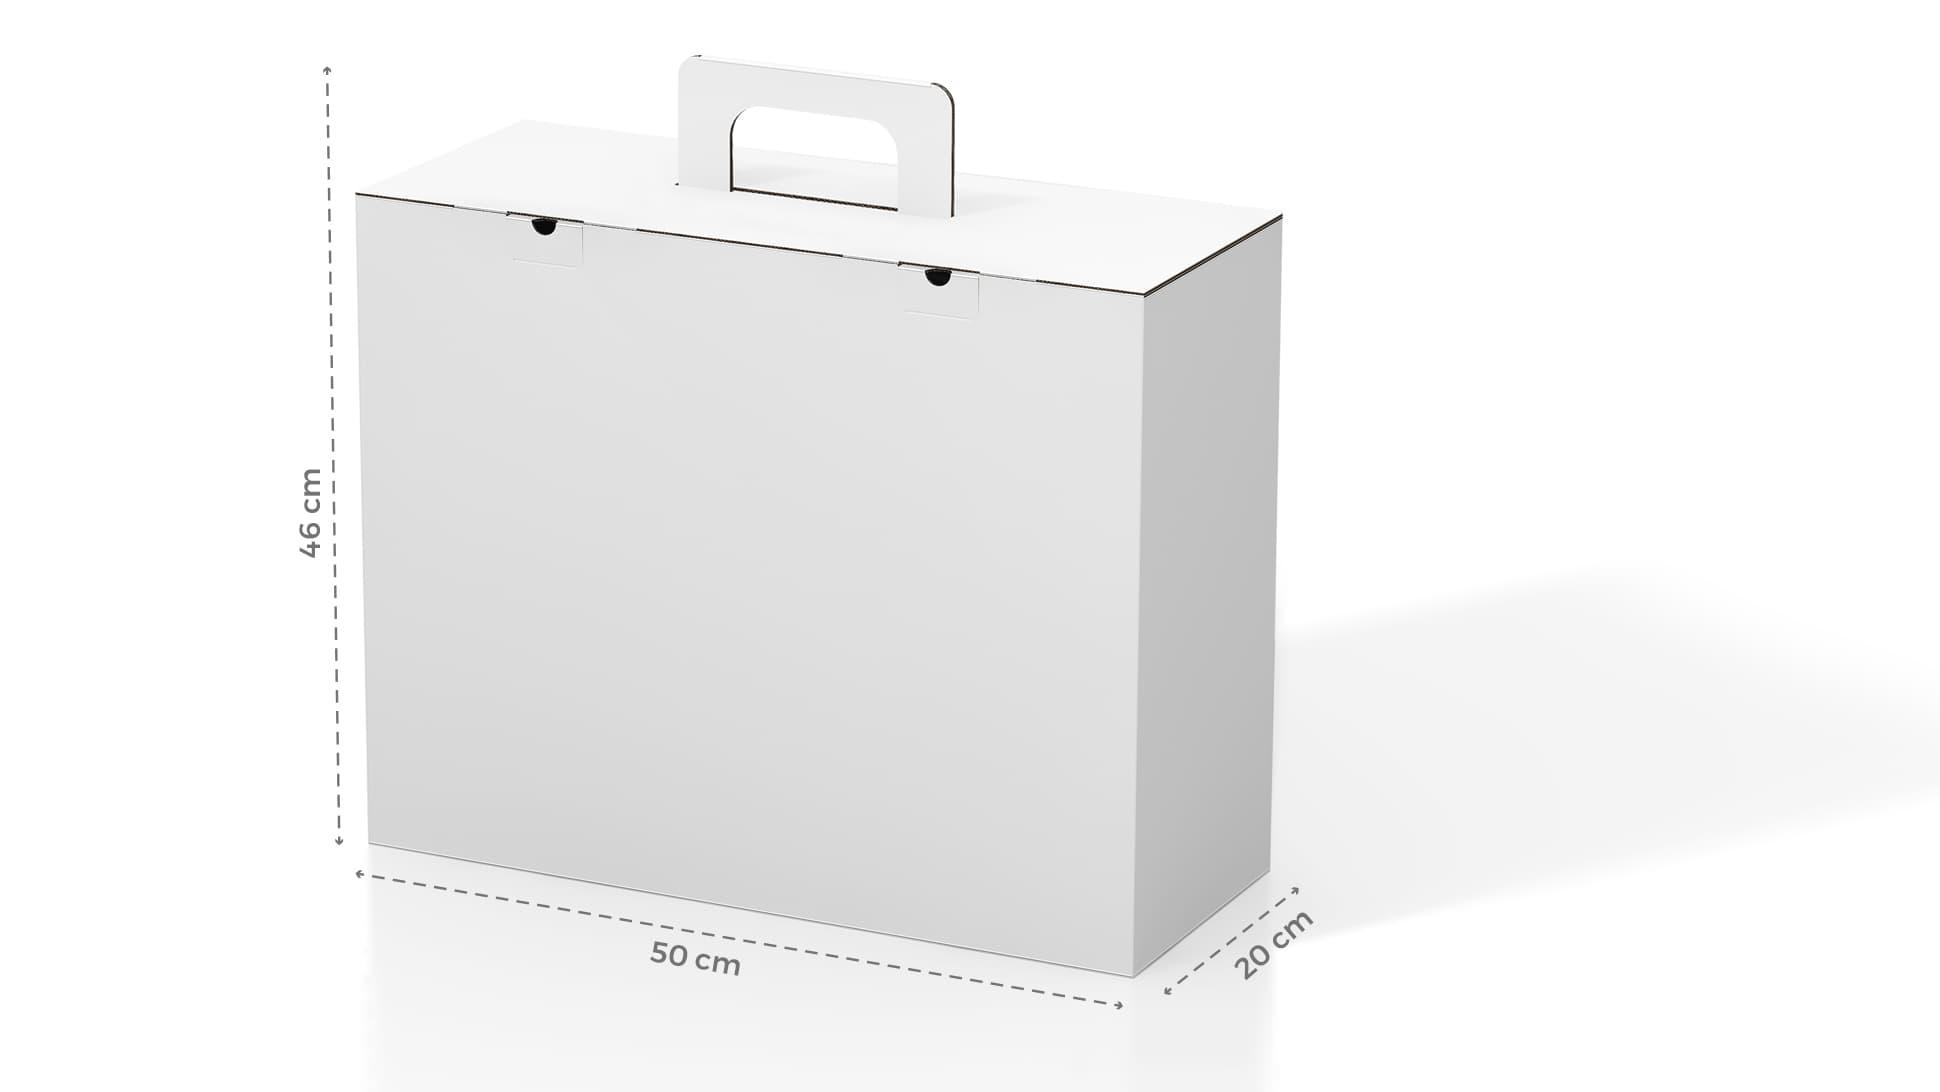 Borsetta in cartone personalizzabile | tictac.it